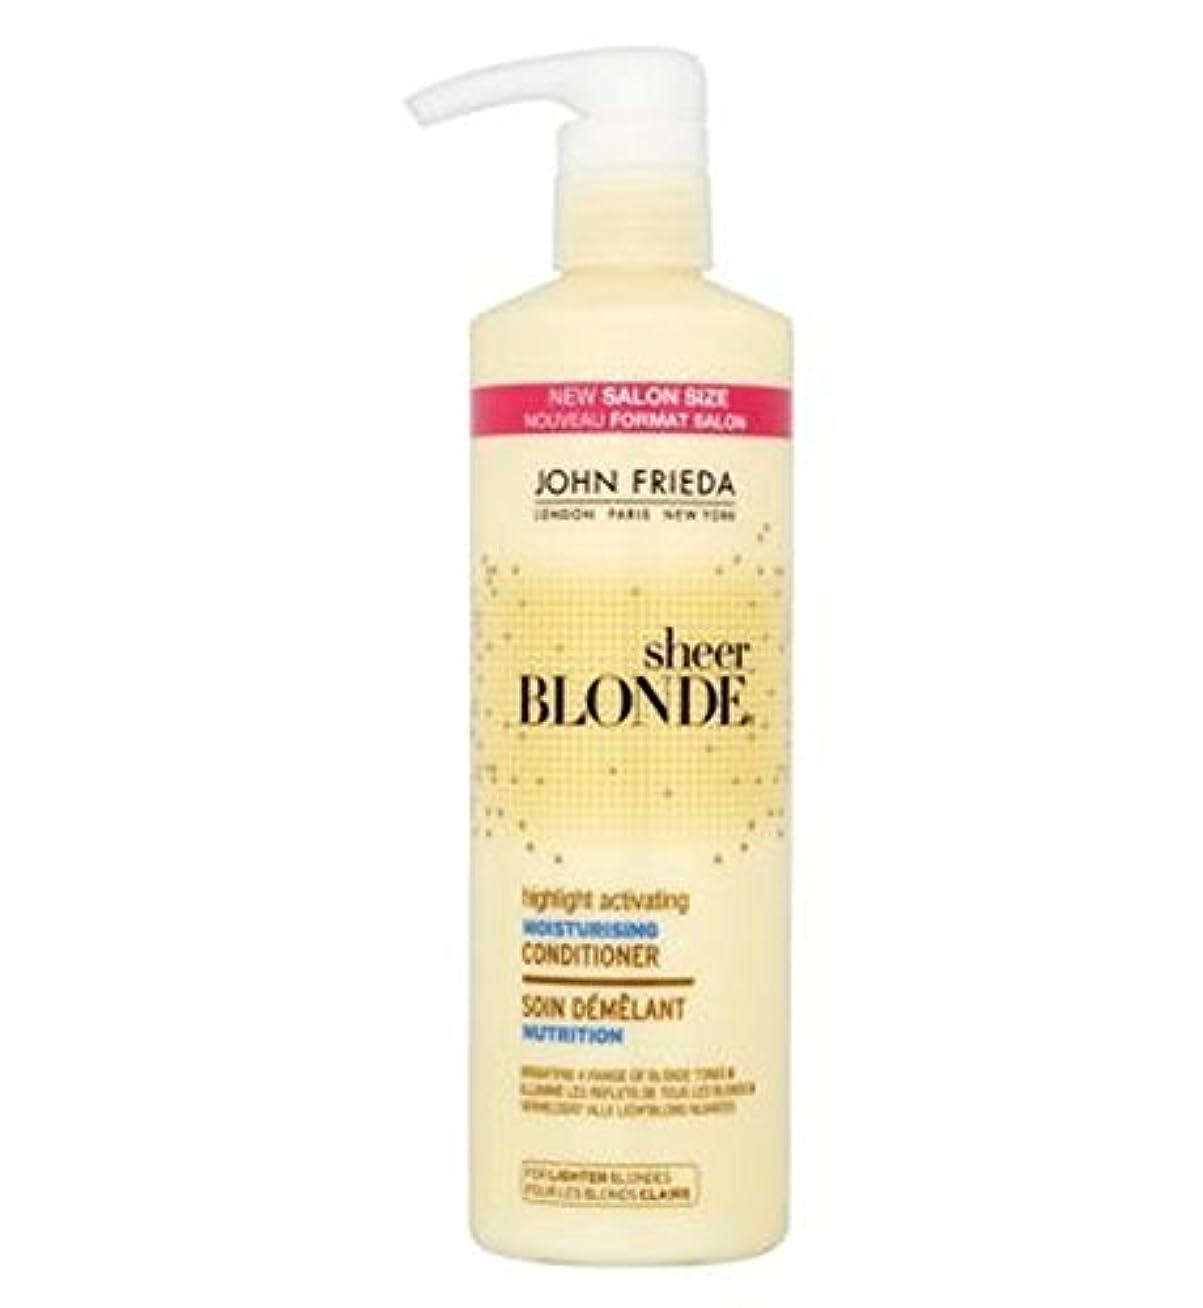 意外置くためにパック服を洗うジョン?フリーダ薄手のブロンドのハイライト活性化保湿コンディショナー500ミリリットル (John Frieda) (x2) - John Frieda Sheer Blonde Highlight Activating...